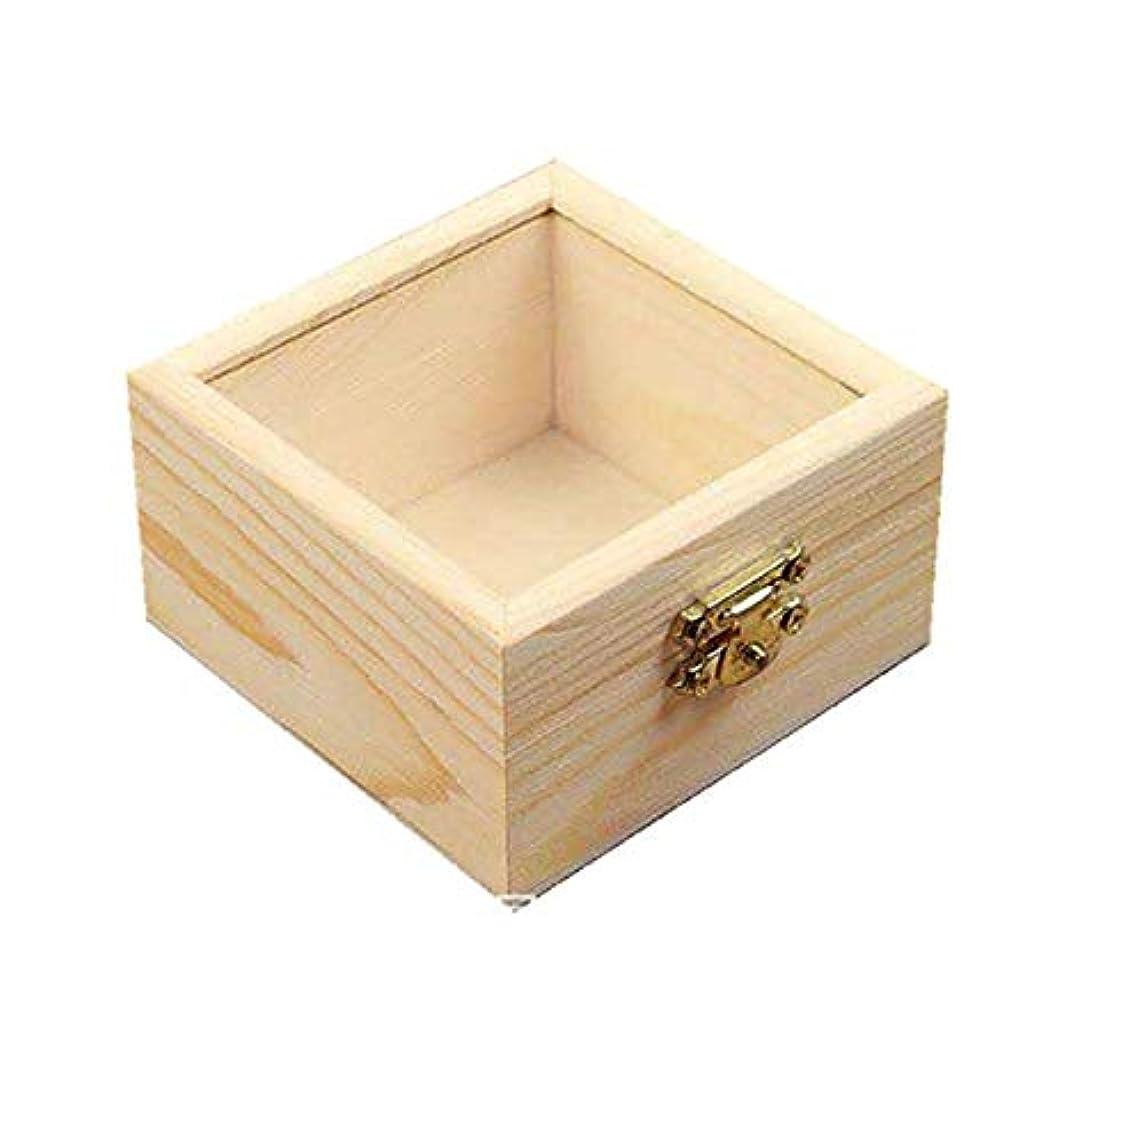 測定リアル八百屋プレゼンテーション用木製エッセンシャルオイルボックスパーフェクトエッセンシャルオイルケース アロマセラピー製品 (色 : Natural, サイズ : 8.5X8.5X5CM)